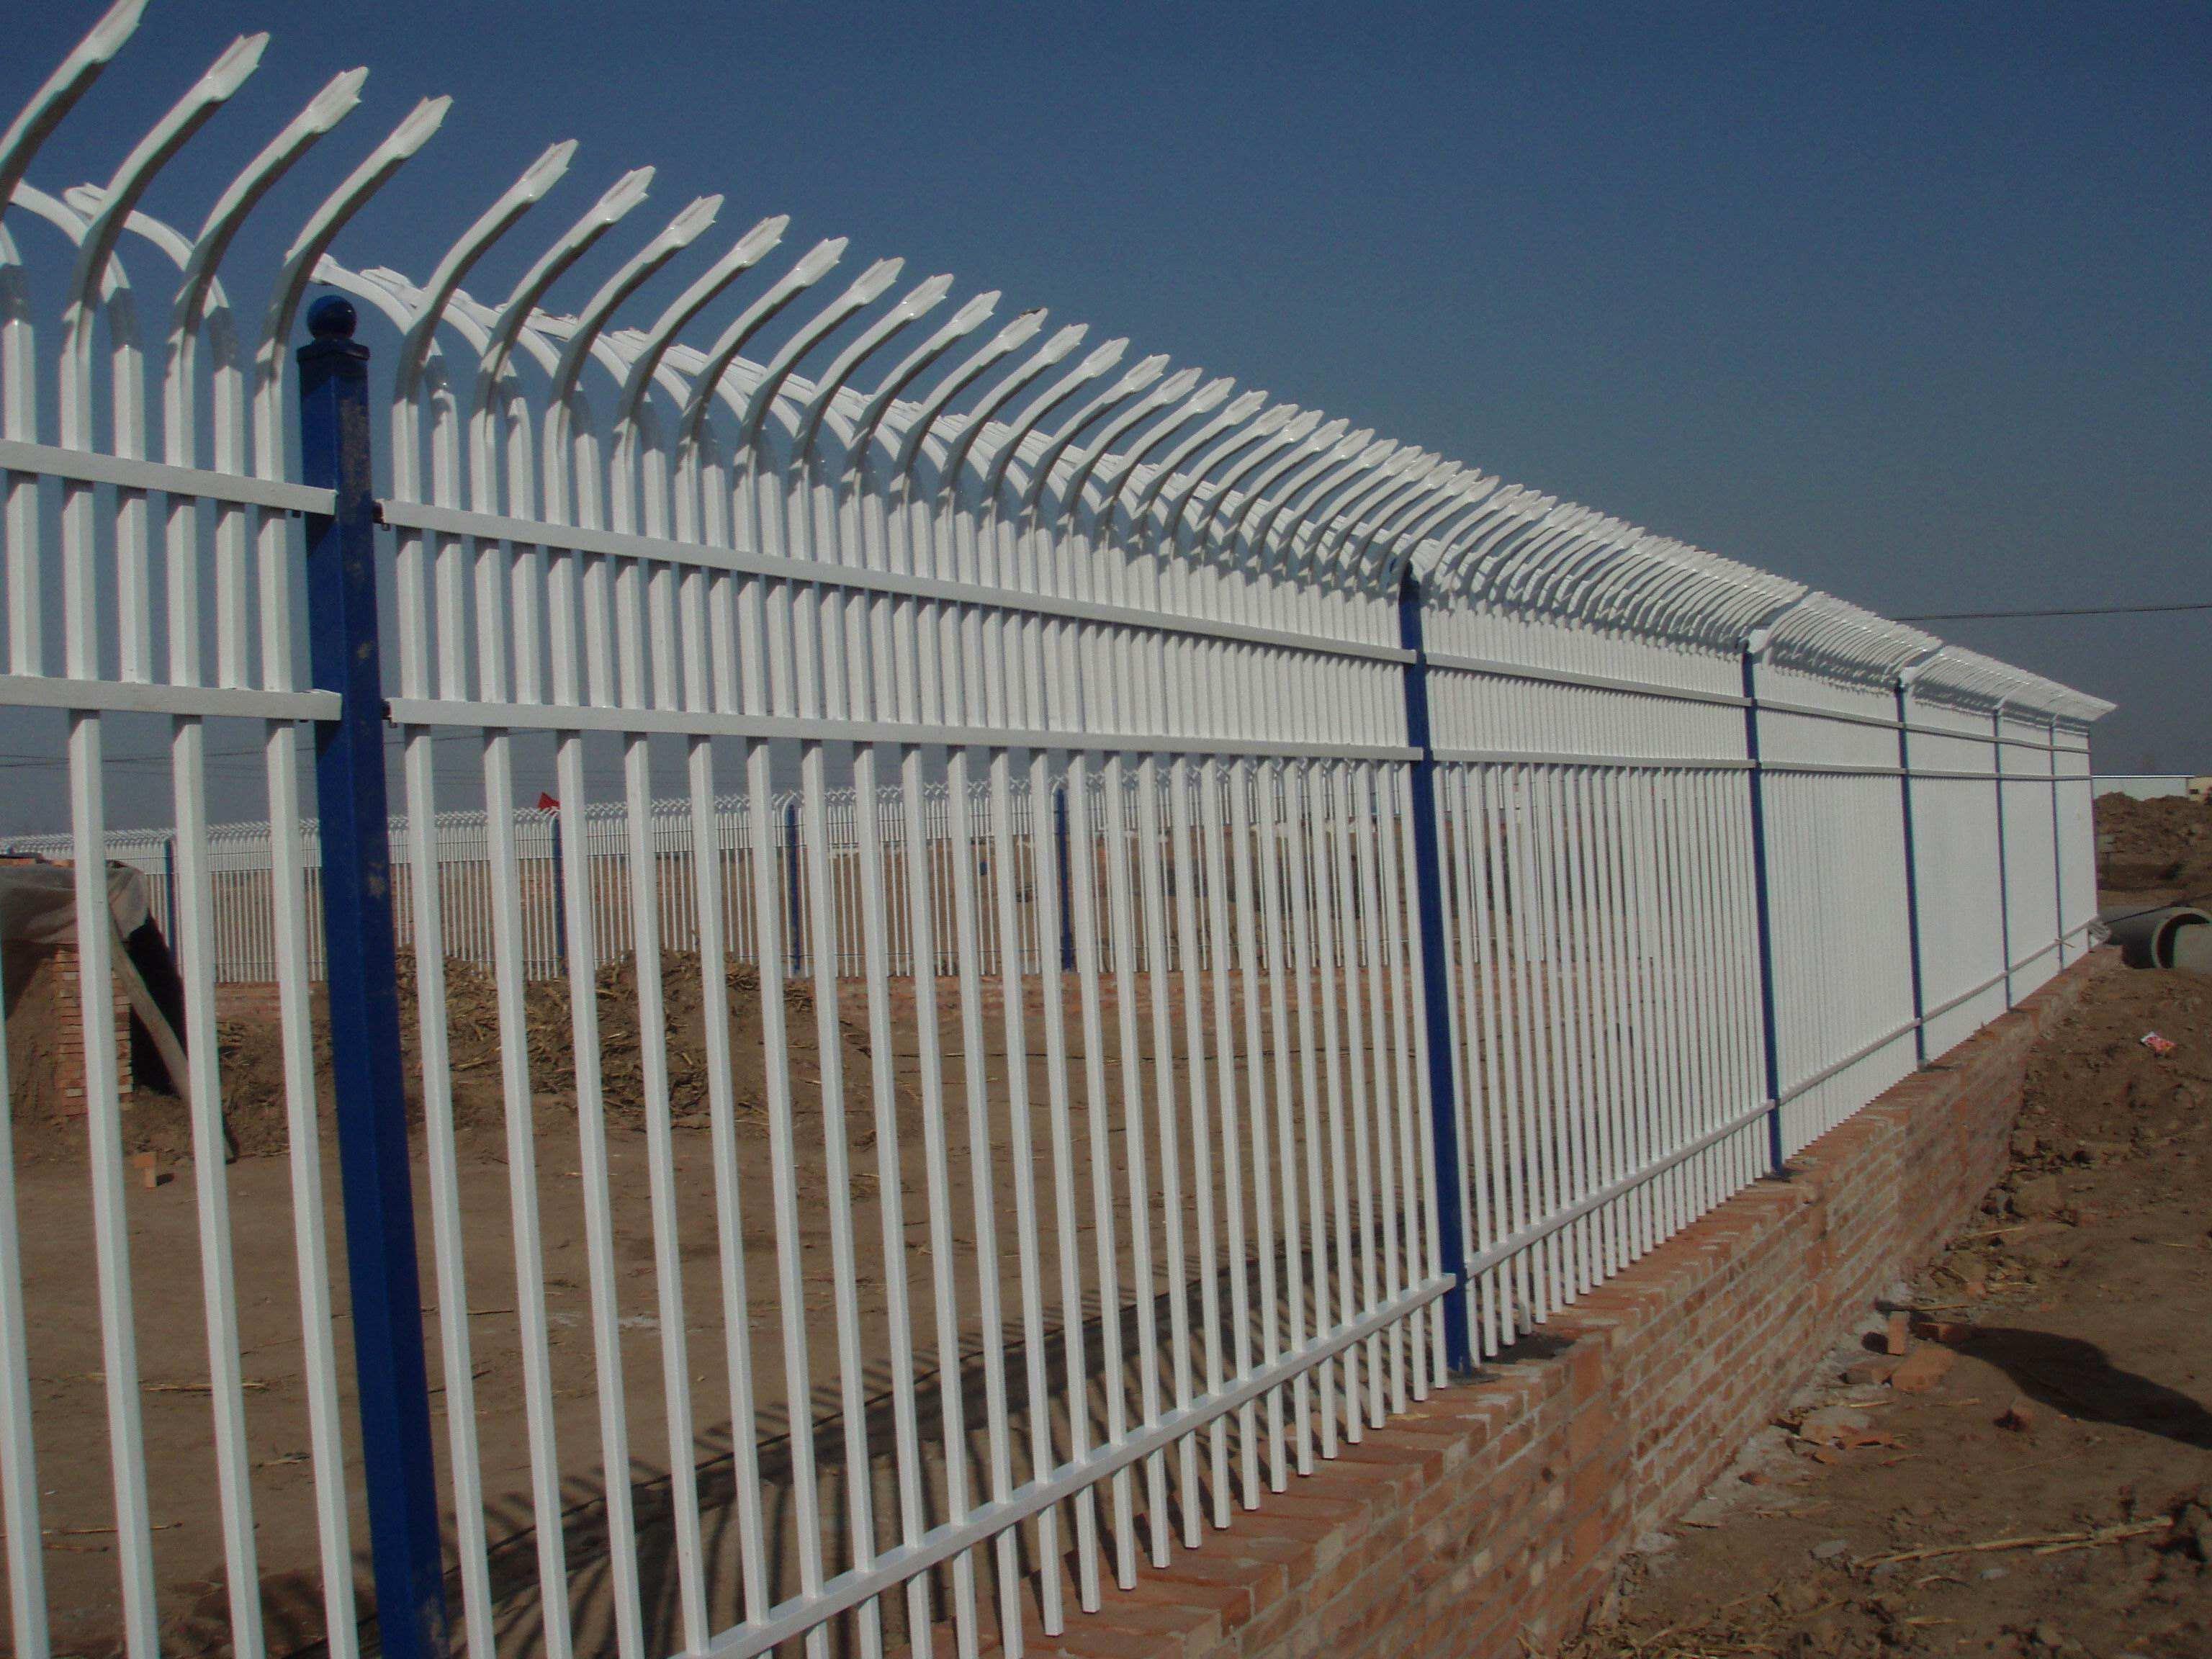 为什么高速公路上的防护用护栏网基本都是绿色的?原因原来是这个